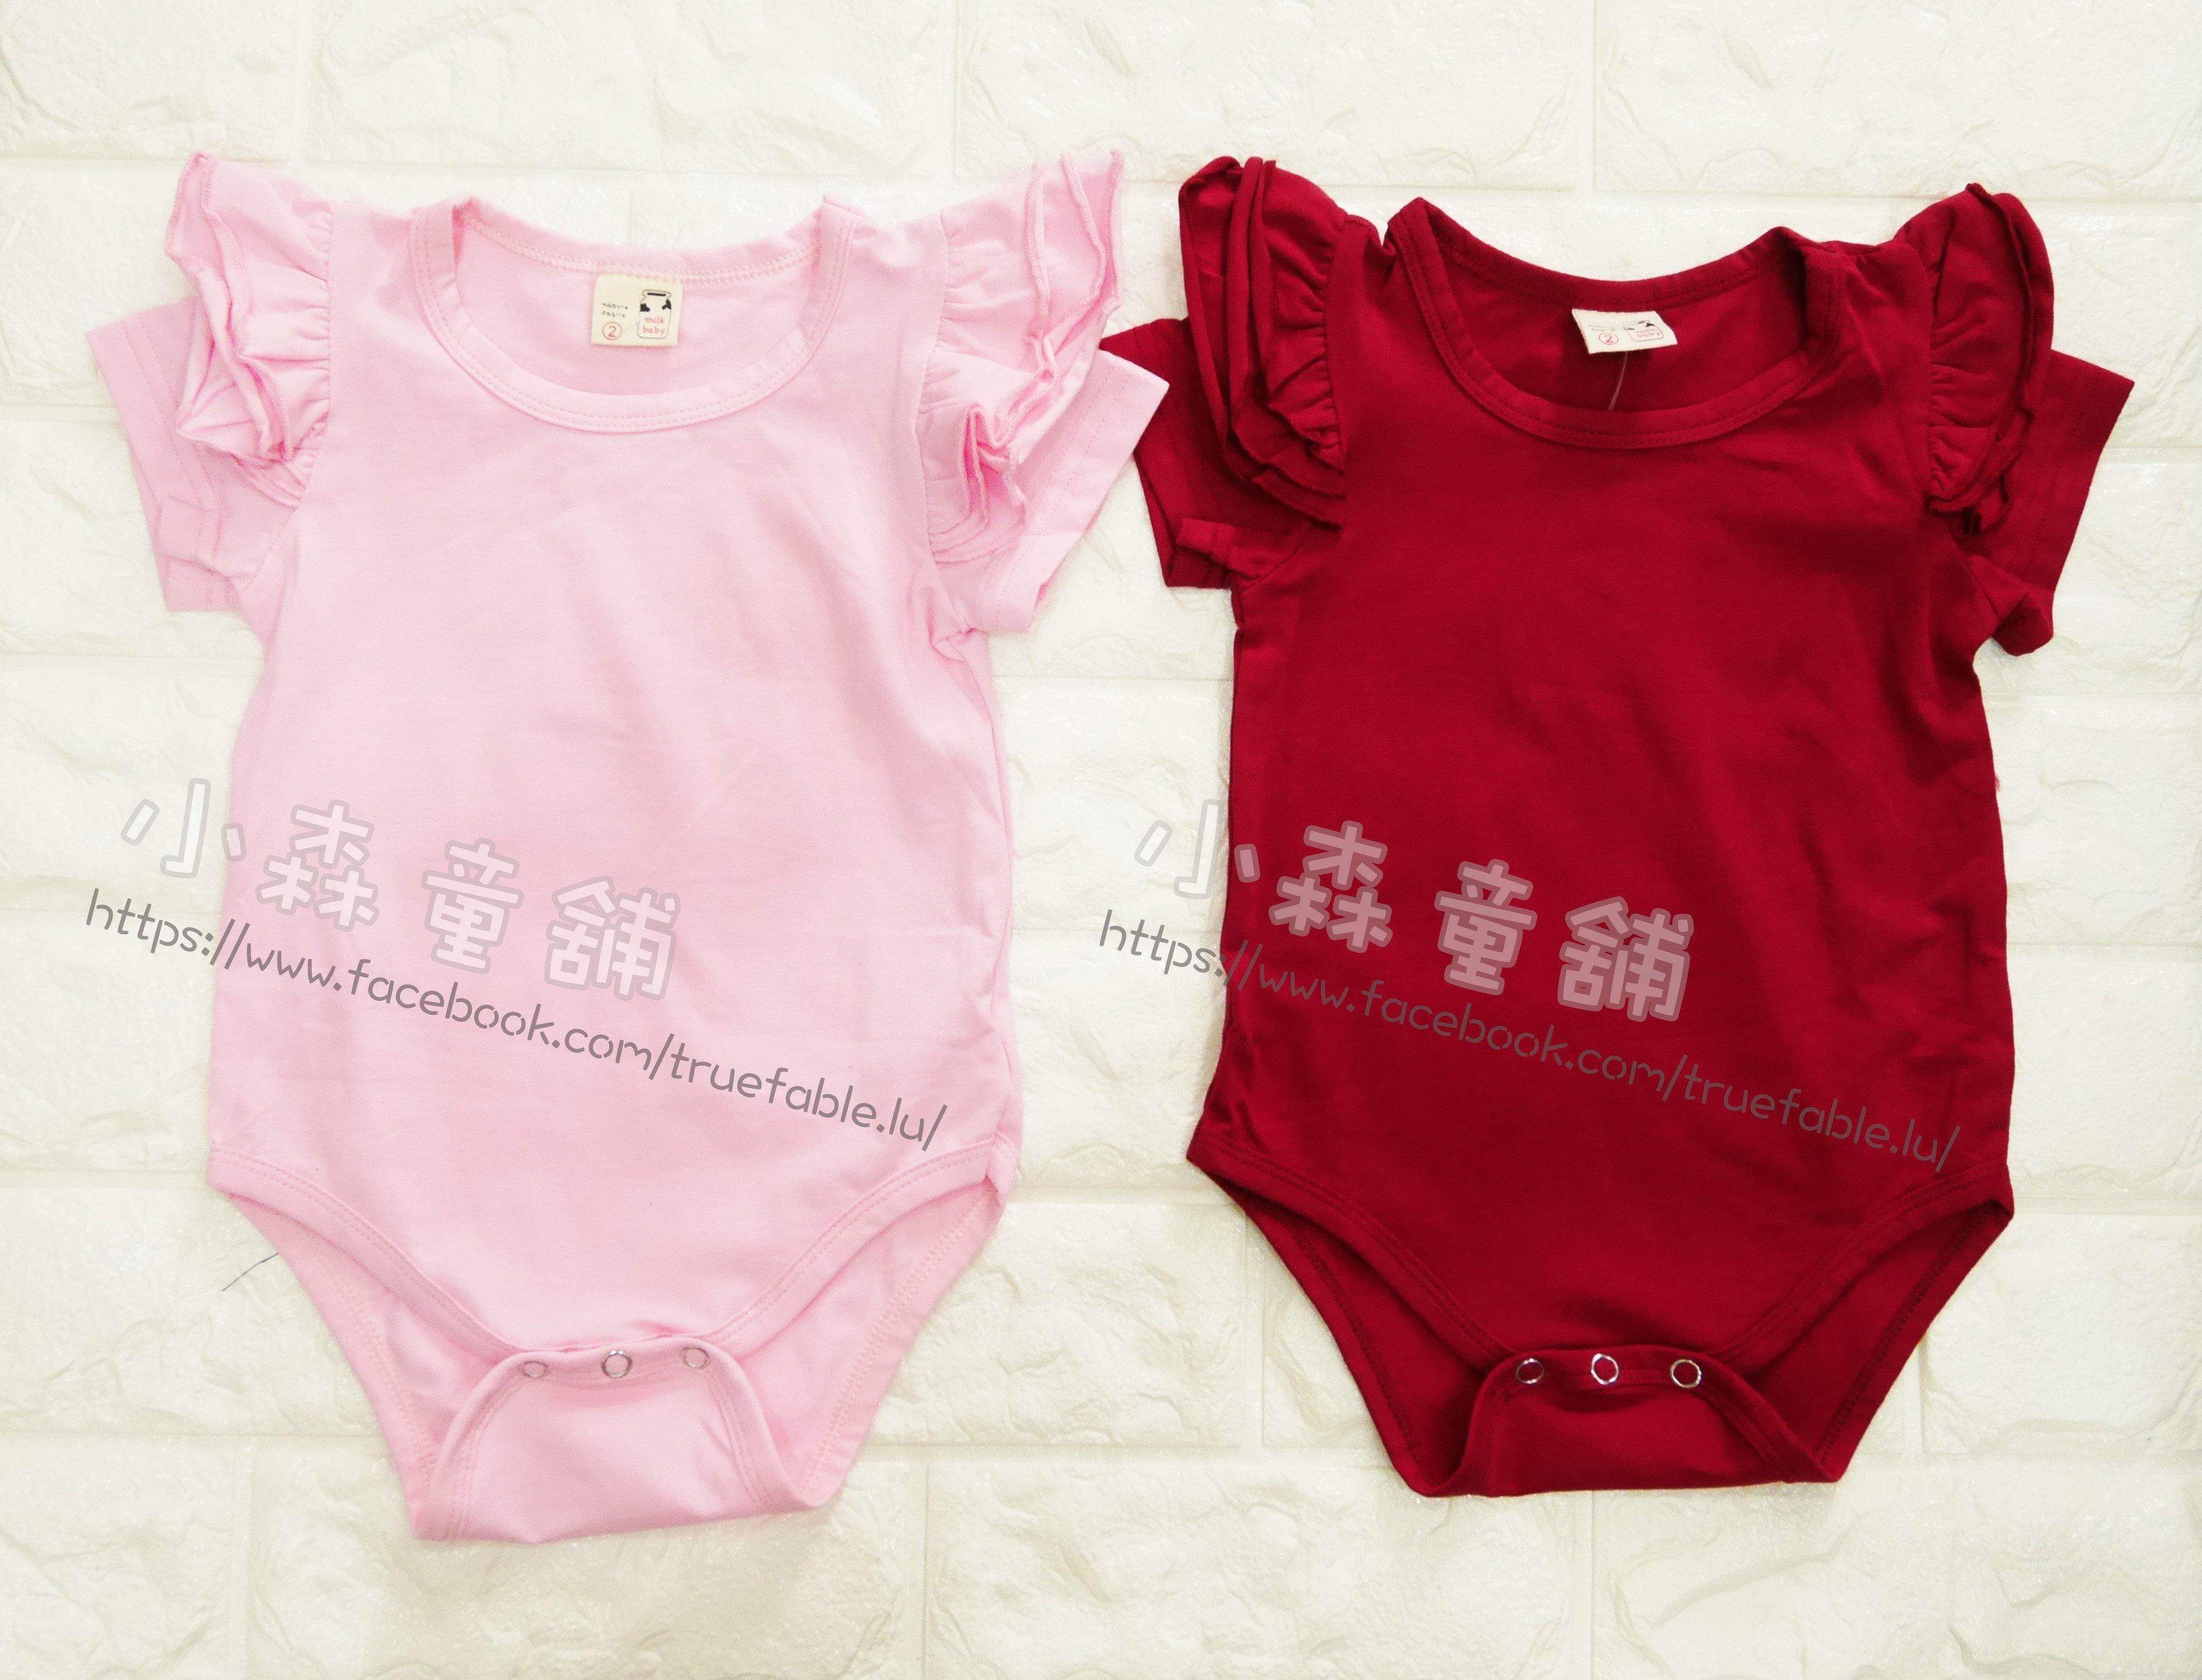 小森童舖 女寶寶款 日系可愛風 雙層立體荷葉袖 素面款 棉質 短袖連身衣 酒紅 粉紅 2.3.4號